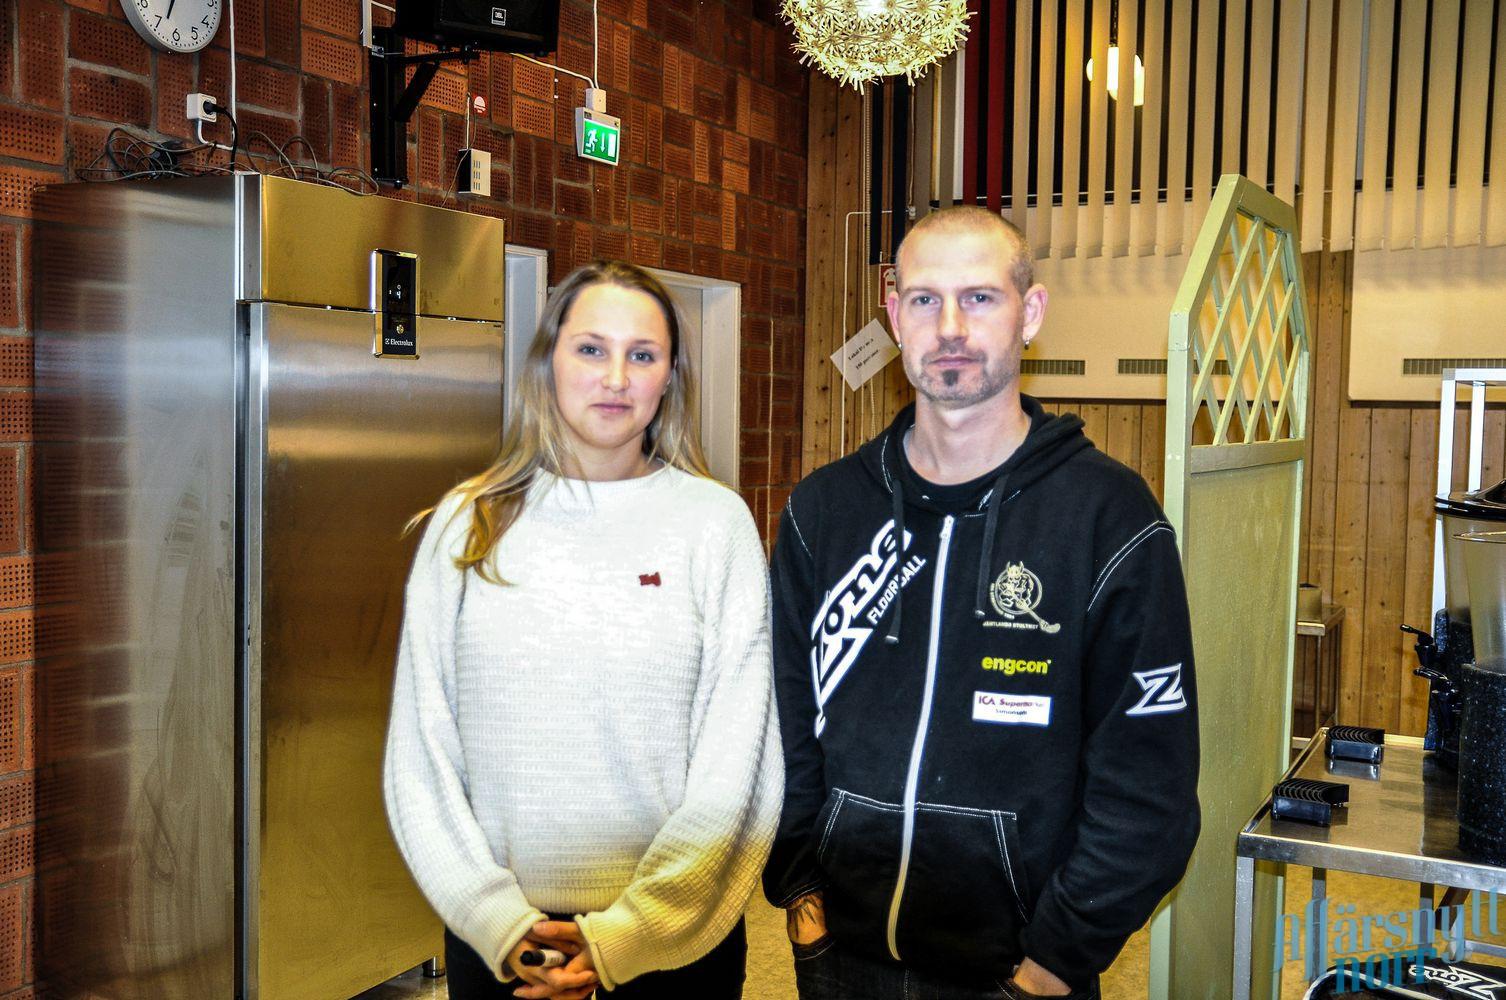 Representant från föreningen Friends Hilda Forssell och IBK tränaren Tommy Lövgren. Foto: Cathrine Ericson.